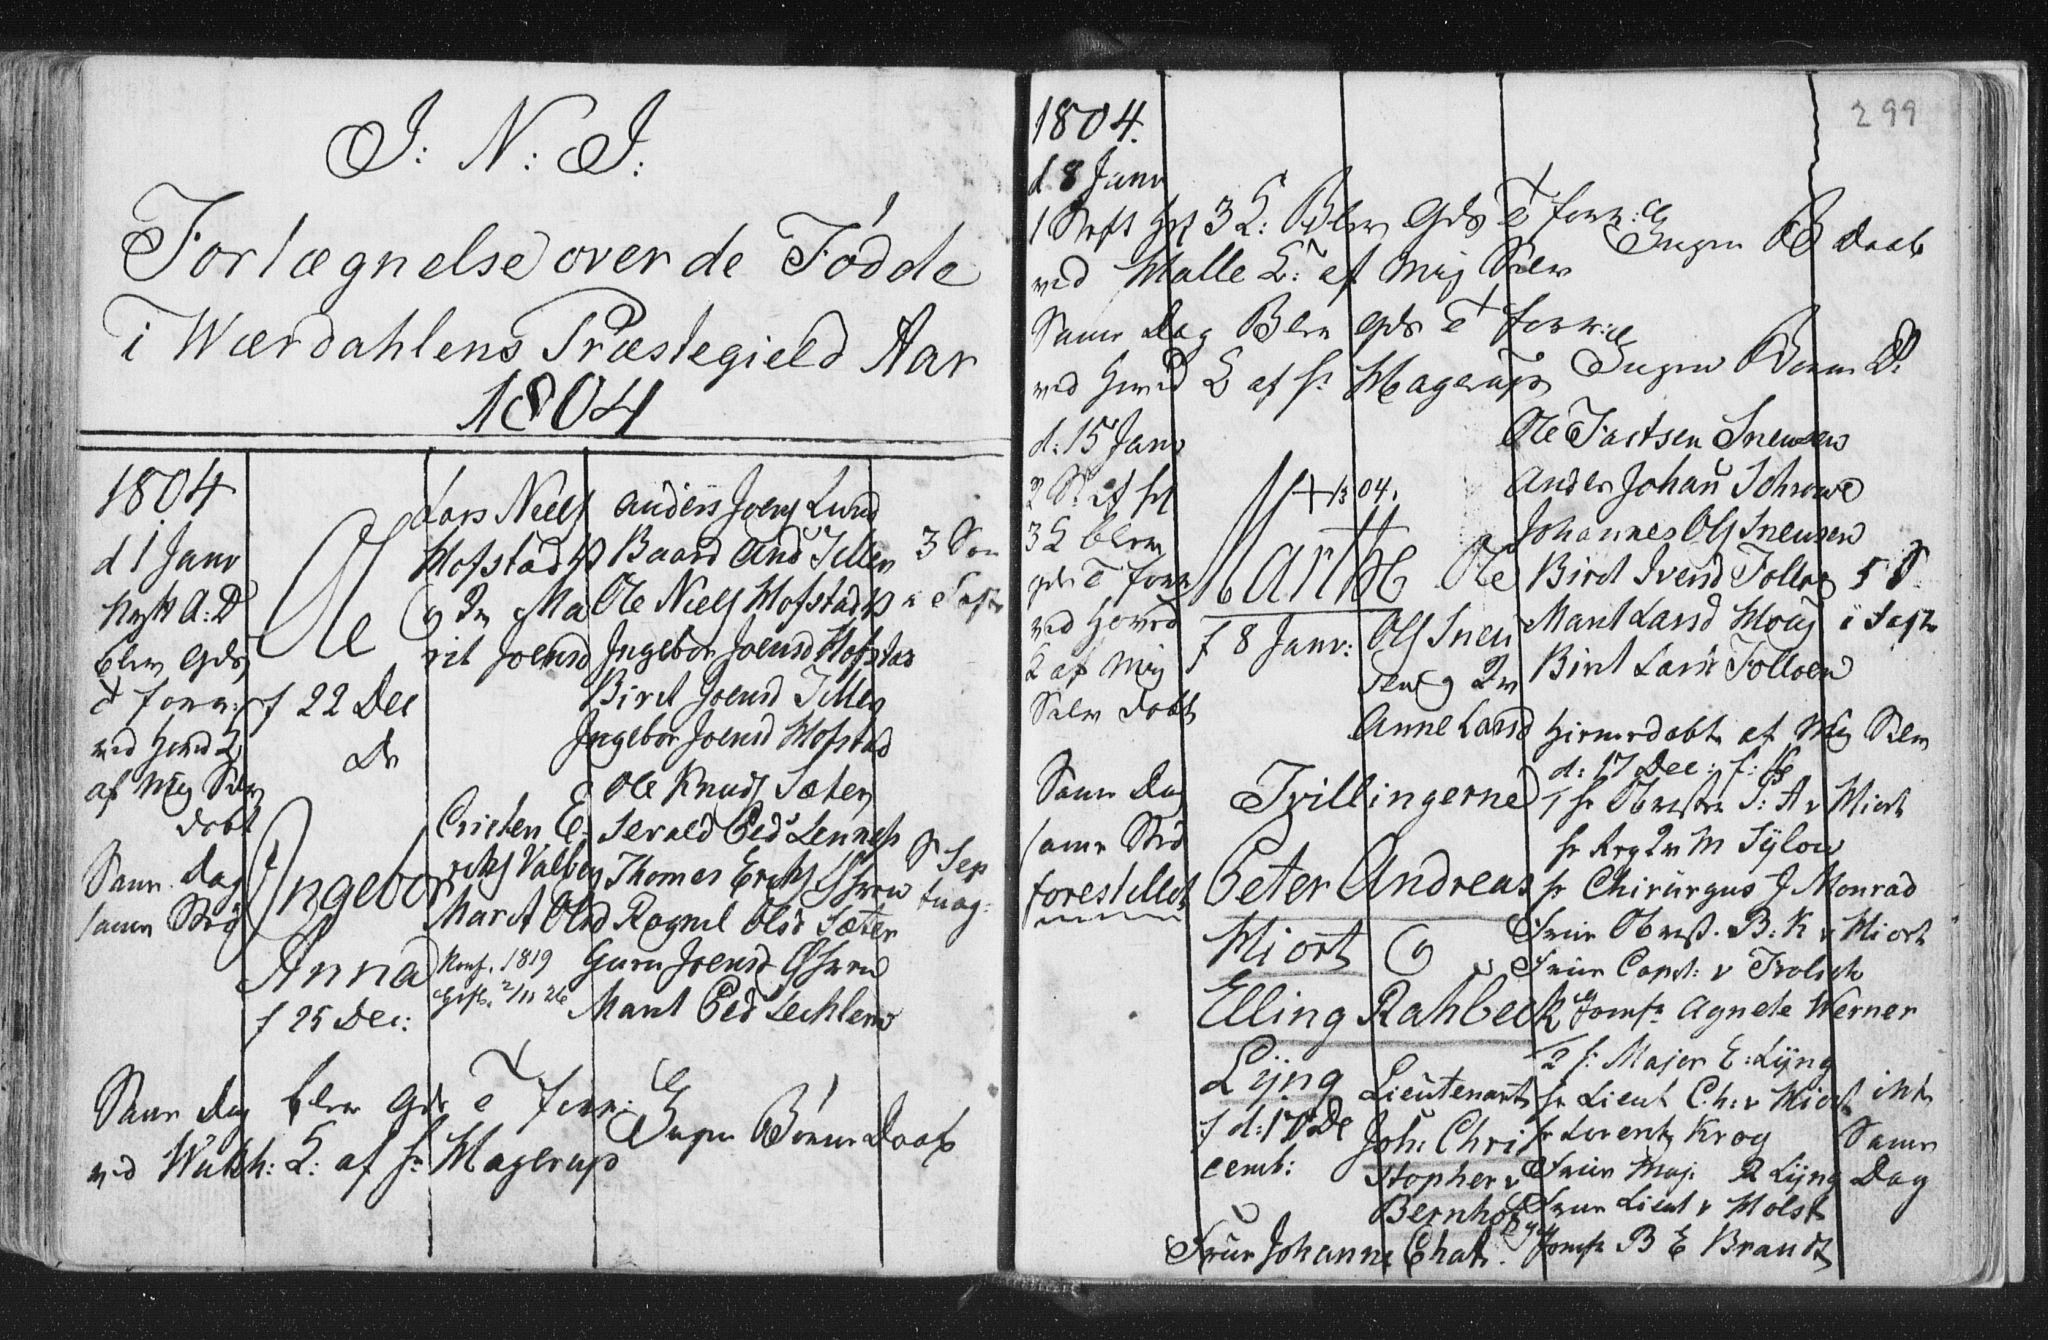 SAT, Ministerialprotokoller, klokkerbøker og fødselsregistre - Nord-Trøndelag, 723/L0232: Ministerialbok nr. 723A03, 1781-1804, s. 299